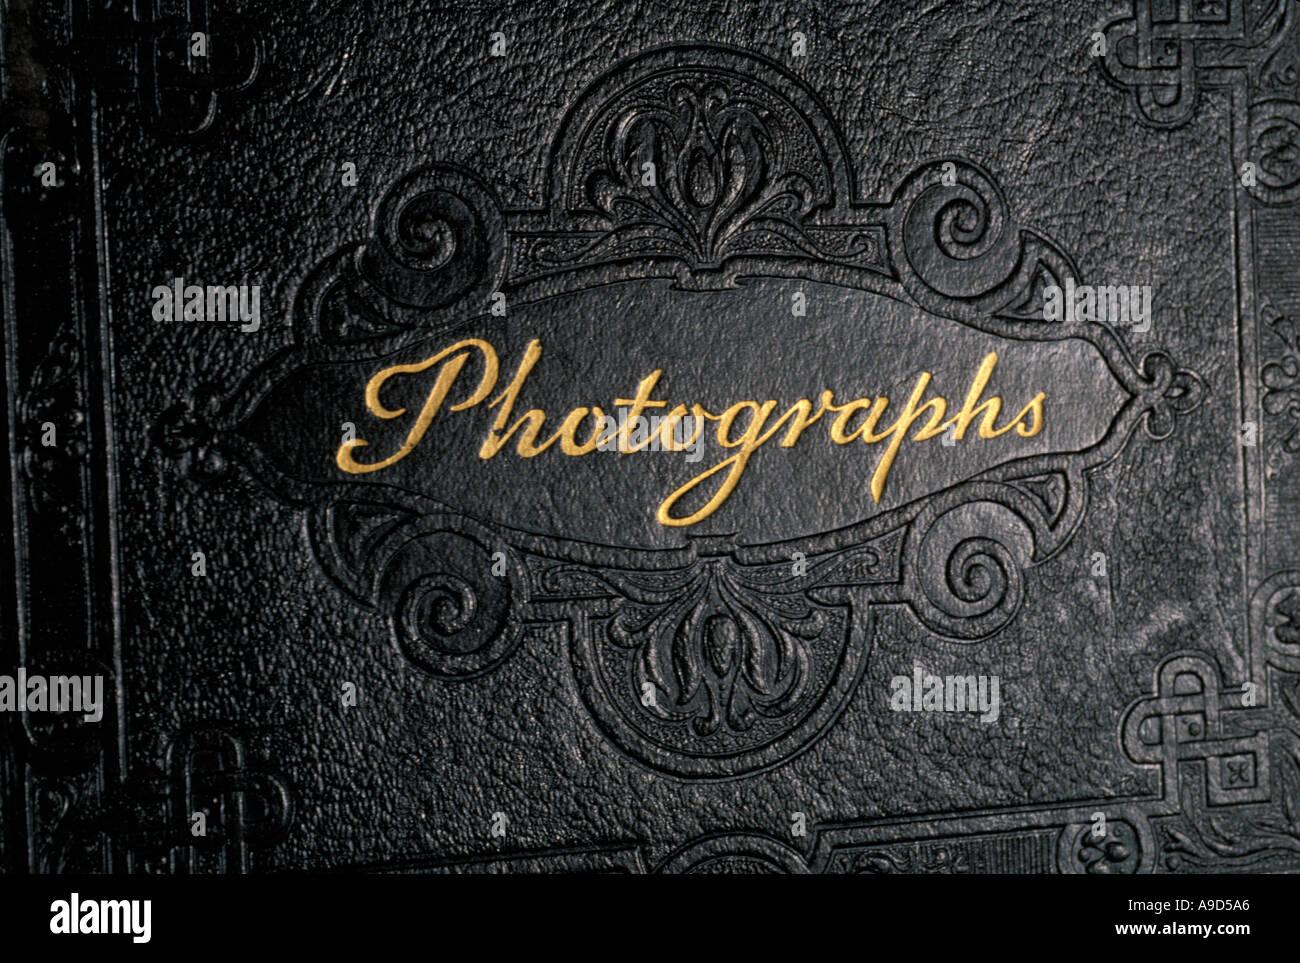 Album photo Photo Stock